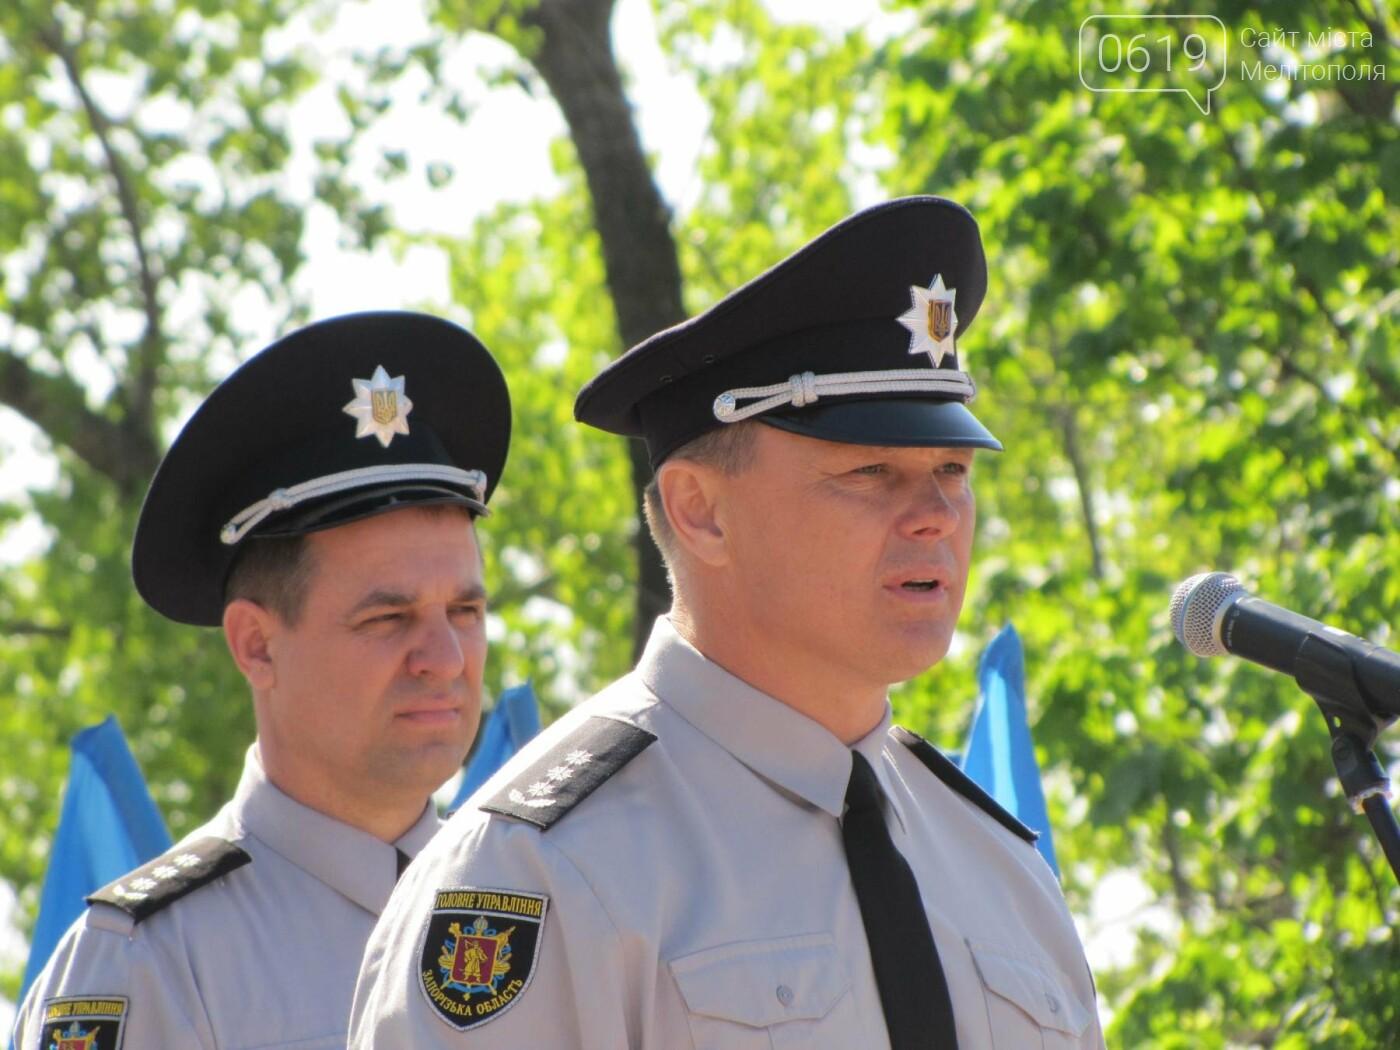 Мелитопольской полиции торжественно вручили новые служебные автомобили, фото-1